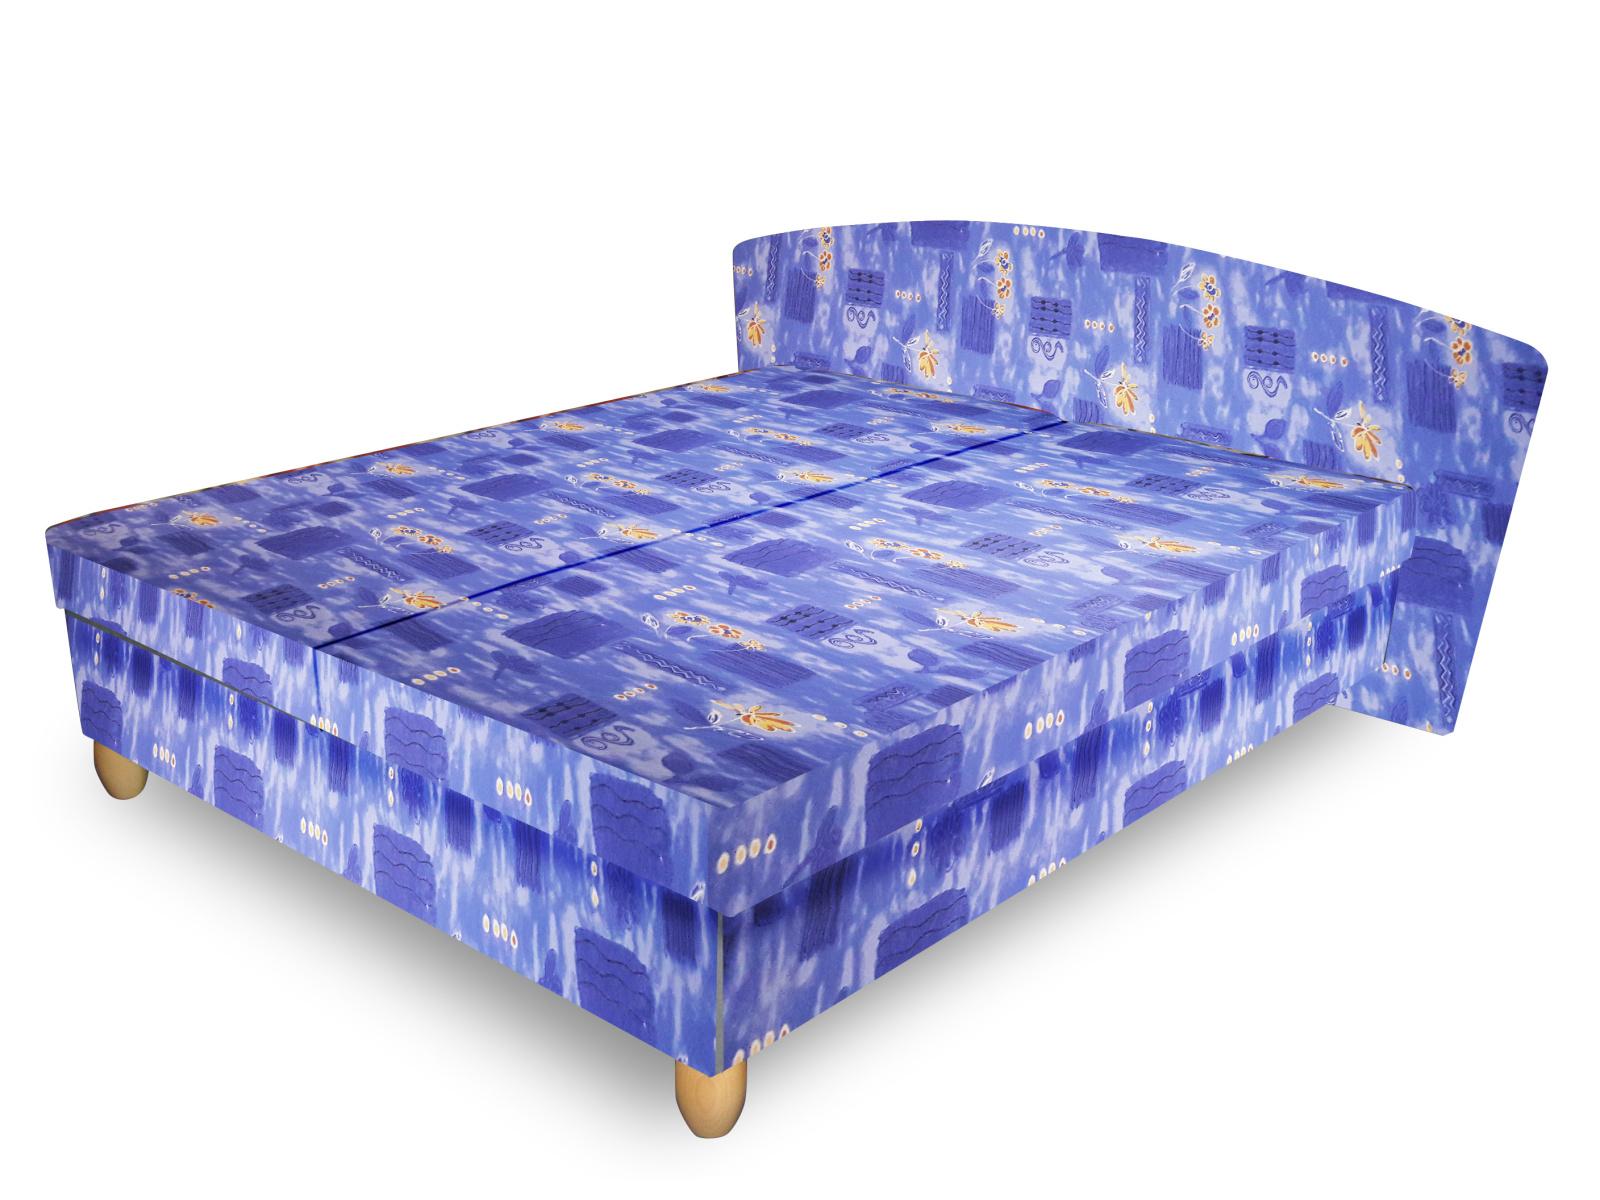 Smartshop Čalouněná postel NICOL 160x195 cm, modrá látka